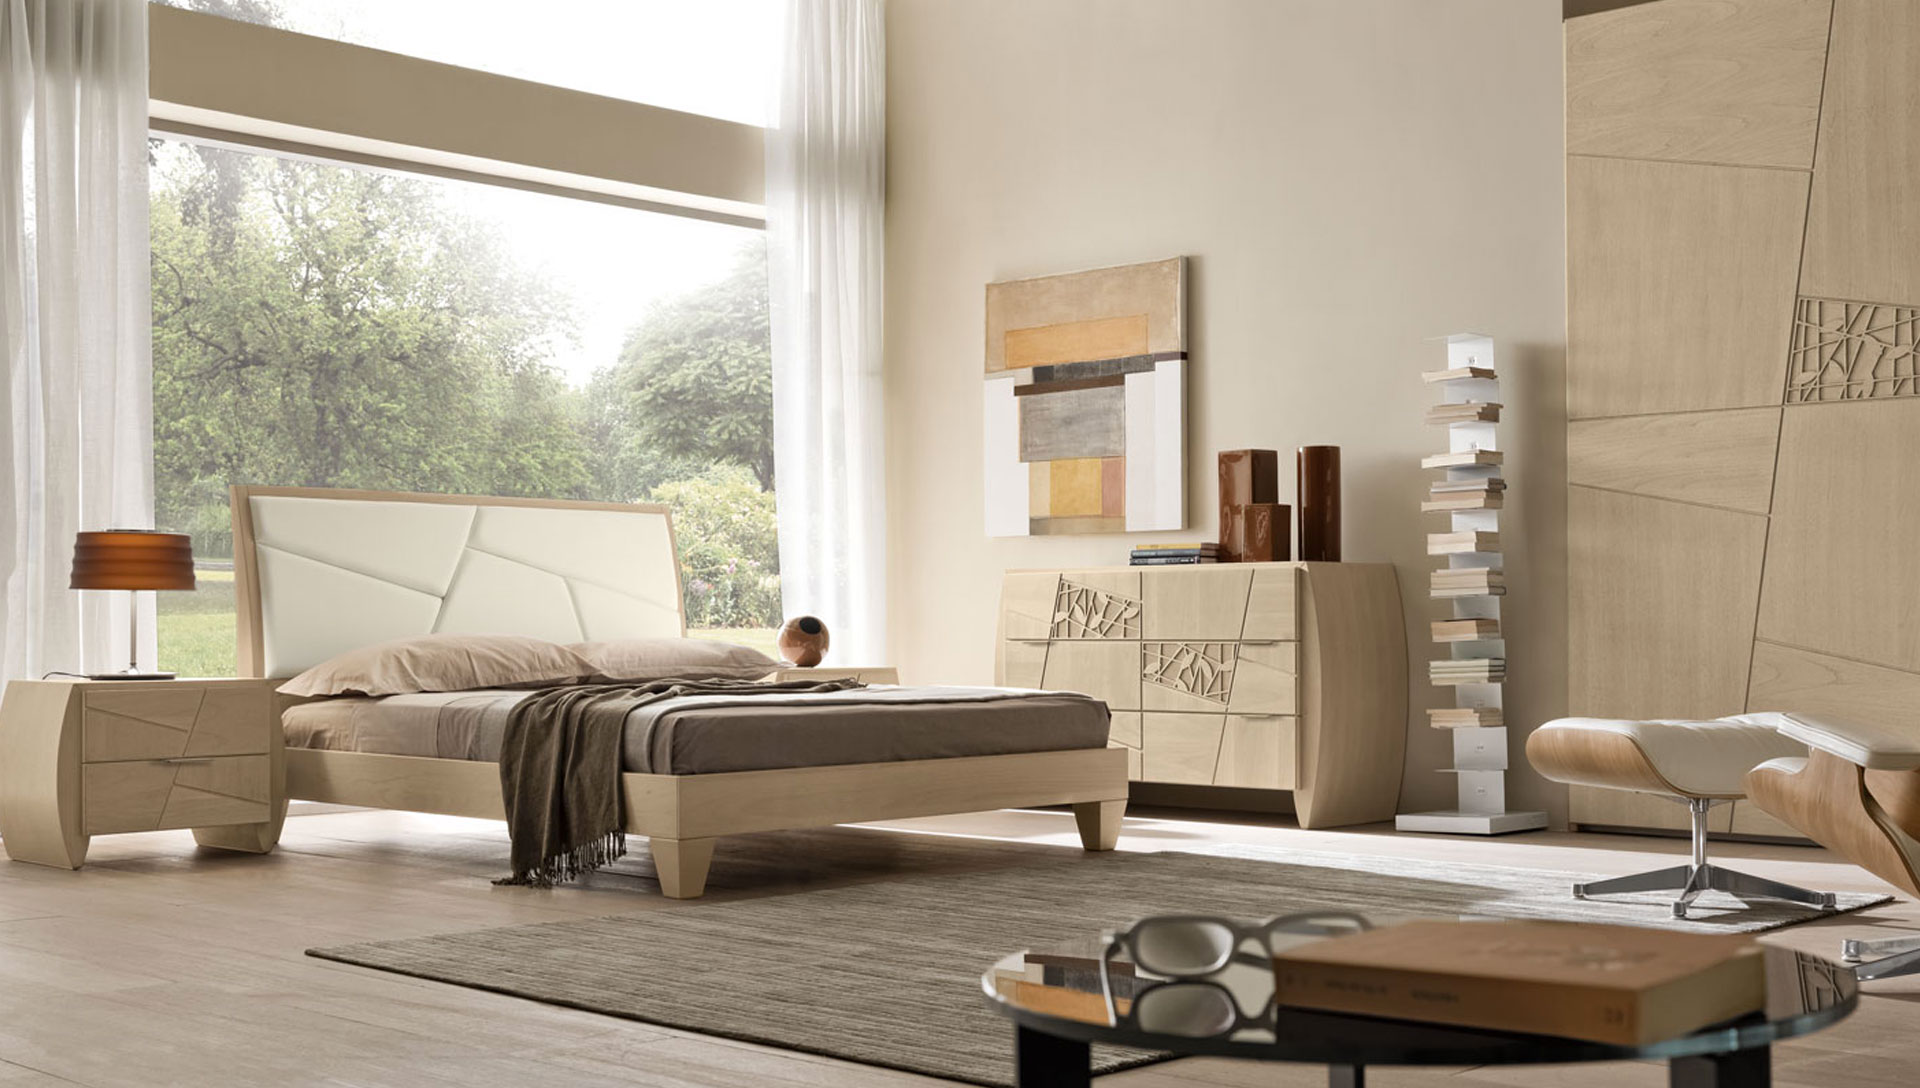 zona-notte-modo-10-comodus-arredamenti-nicoletti-interni-interior-design-divani-complementi-arredo-mobili-design-accessori-matera